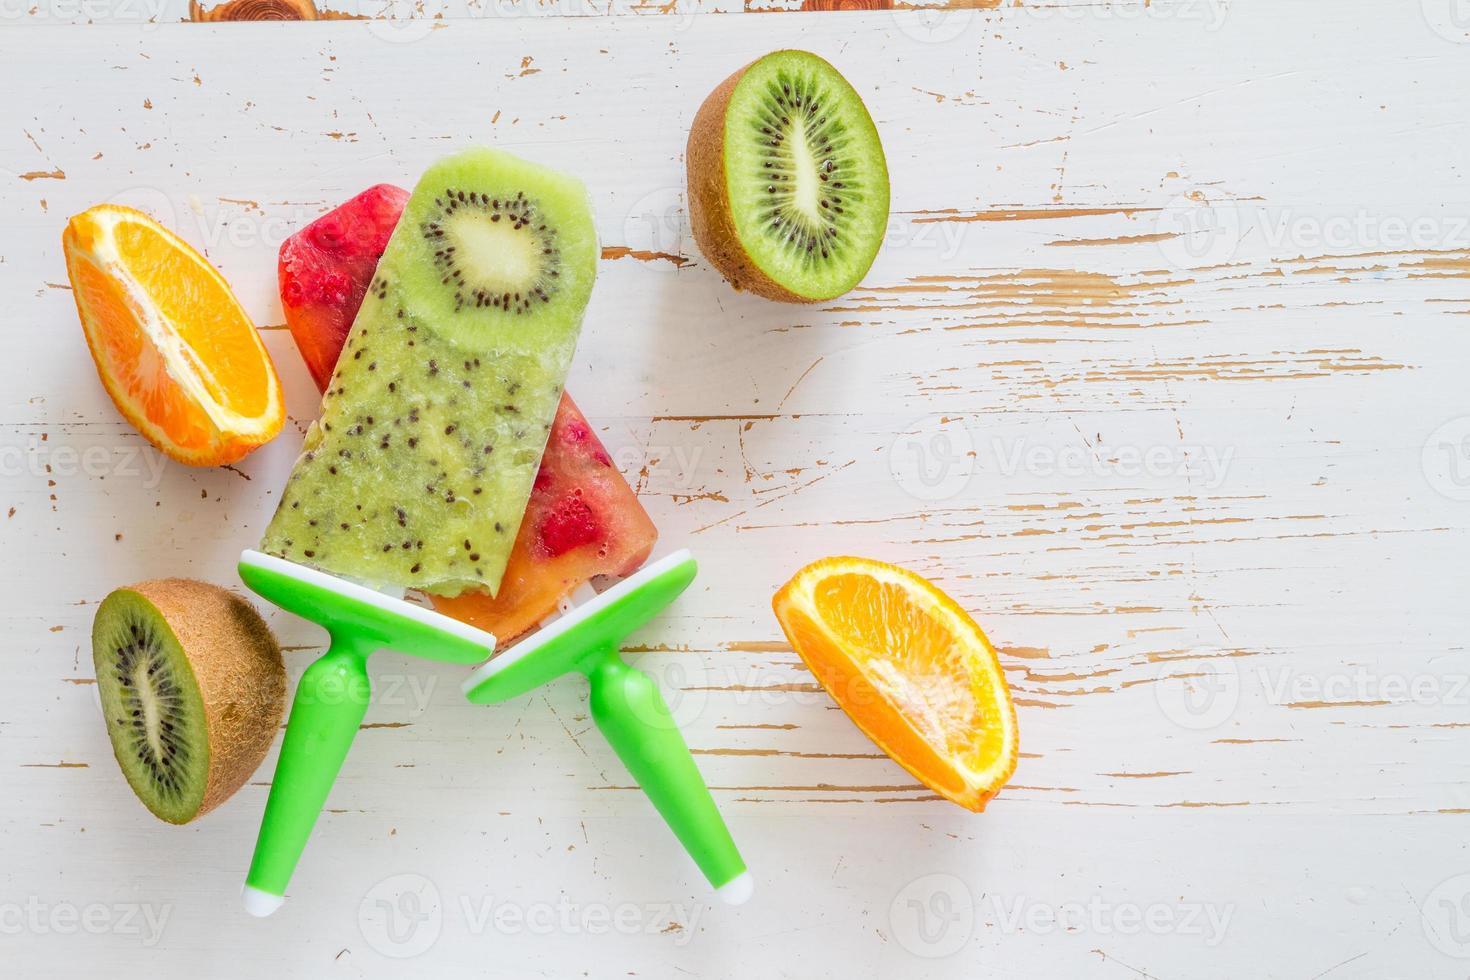 sucettes glacées aux kiwis et aux fruits rouges, tranches d'orange photo